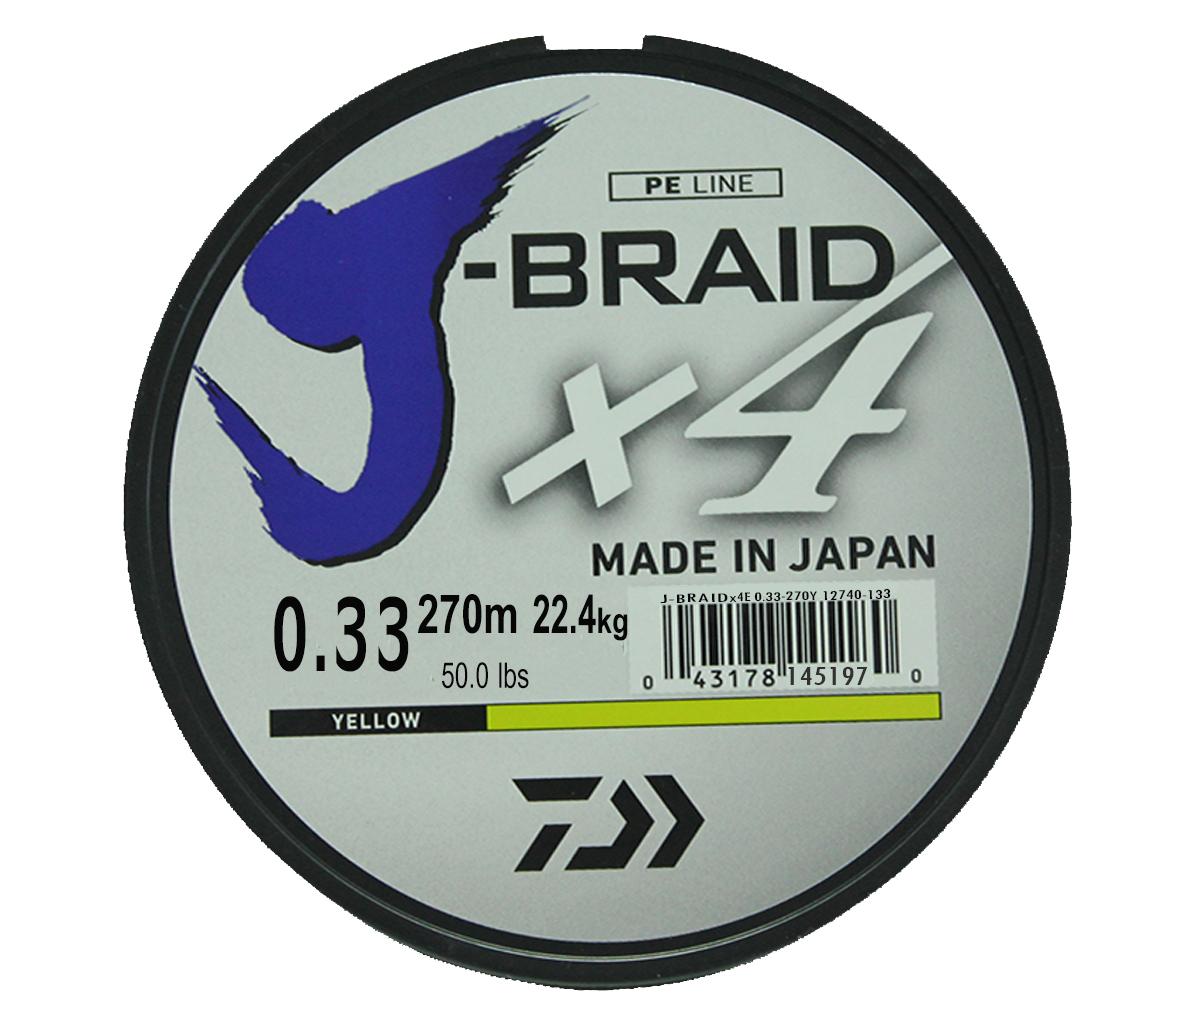 Шнур плетеный Daiwa J-Braid X4, цвет: флуоресцентный желтый, 270 м, 0,33 ммMABLSEH10001Новый 4х жильный шнур J-Braid, DAIWA - шнур высокого класса с удивительным соотношением цены и качества. Качество плетения полностьюсоответствует японским стандартам и удовлетворяет всем требованиям. Представленные диаметры позволяют использовать шнур для всех техникловли, начиная от ultra- light ловли окуня, до морской ловли палтуса, трески и т.д